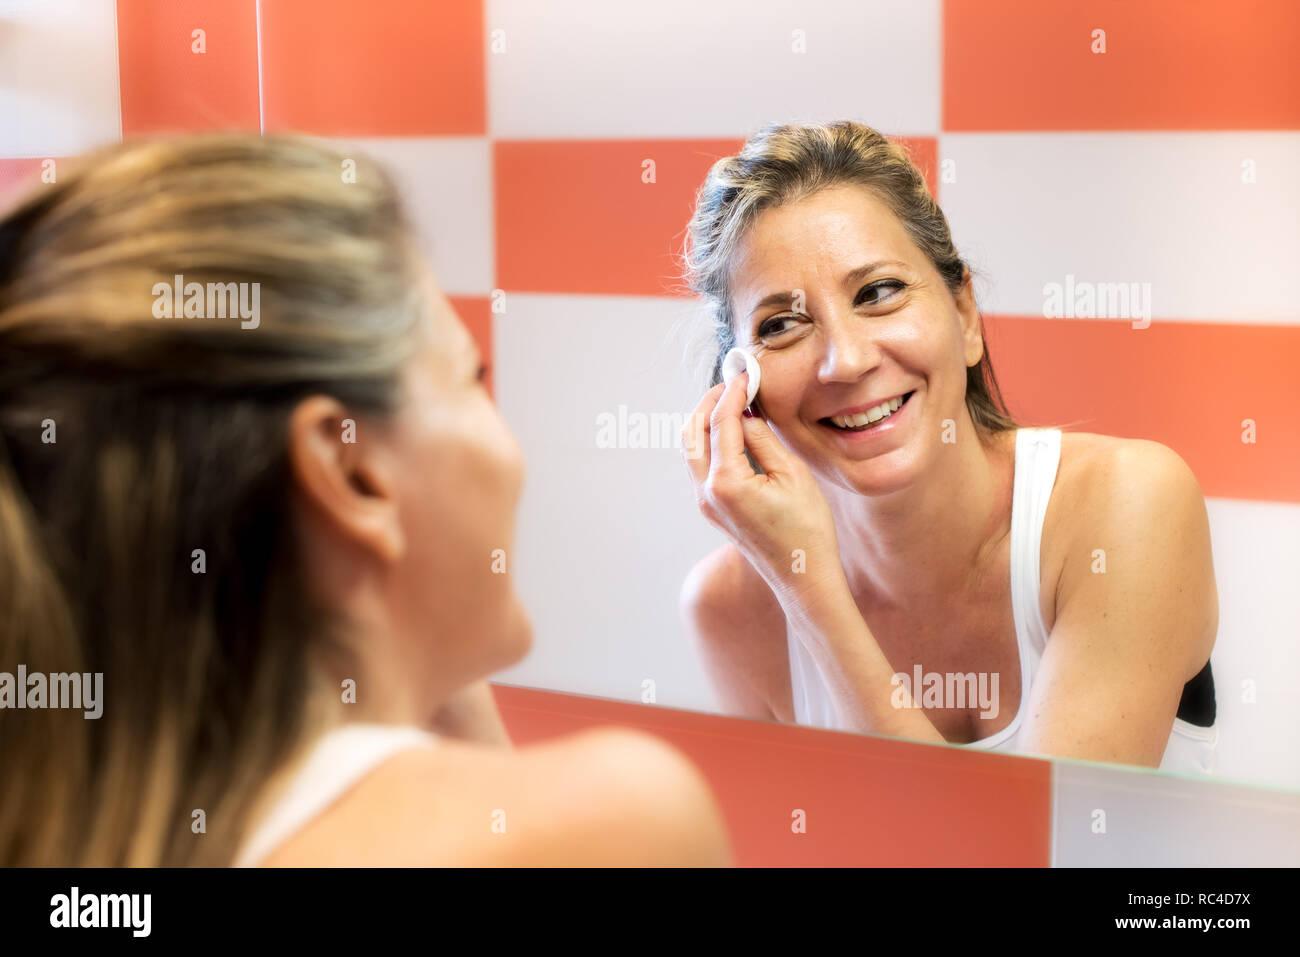 Sonriente mujer rubia madura en camiseta blanca quitando el maquillaje con algodón, mirando su reflejo en el espejo y riéndose. Busto retrato de re Imagen De Stock